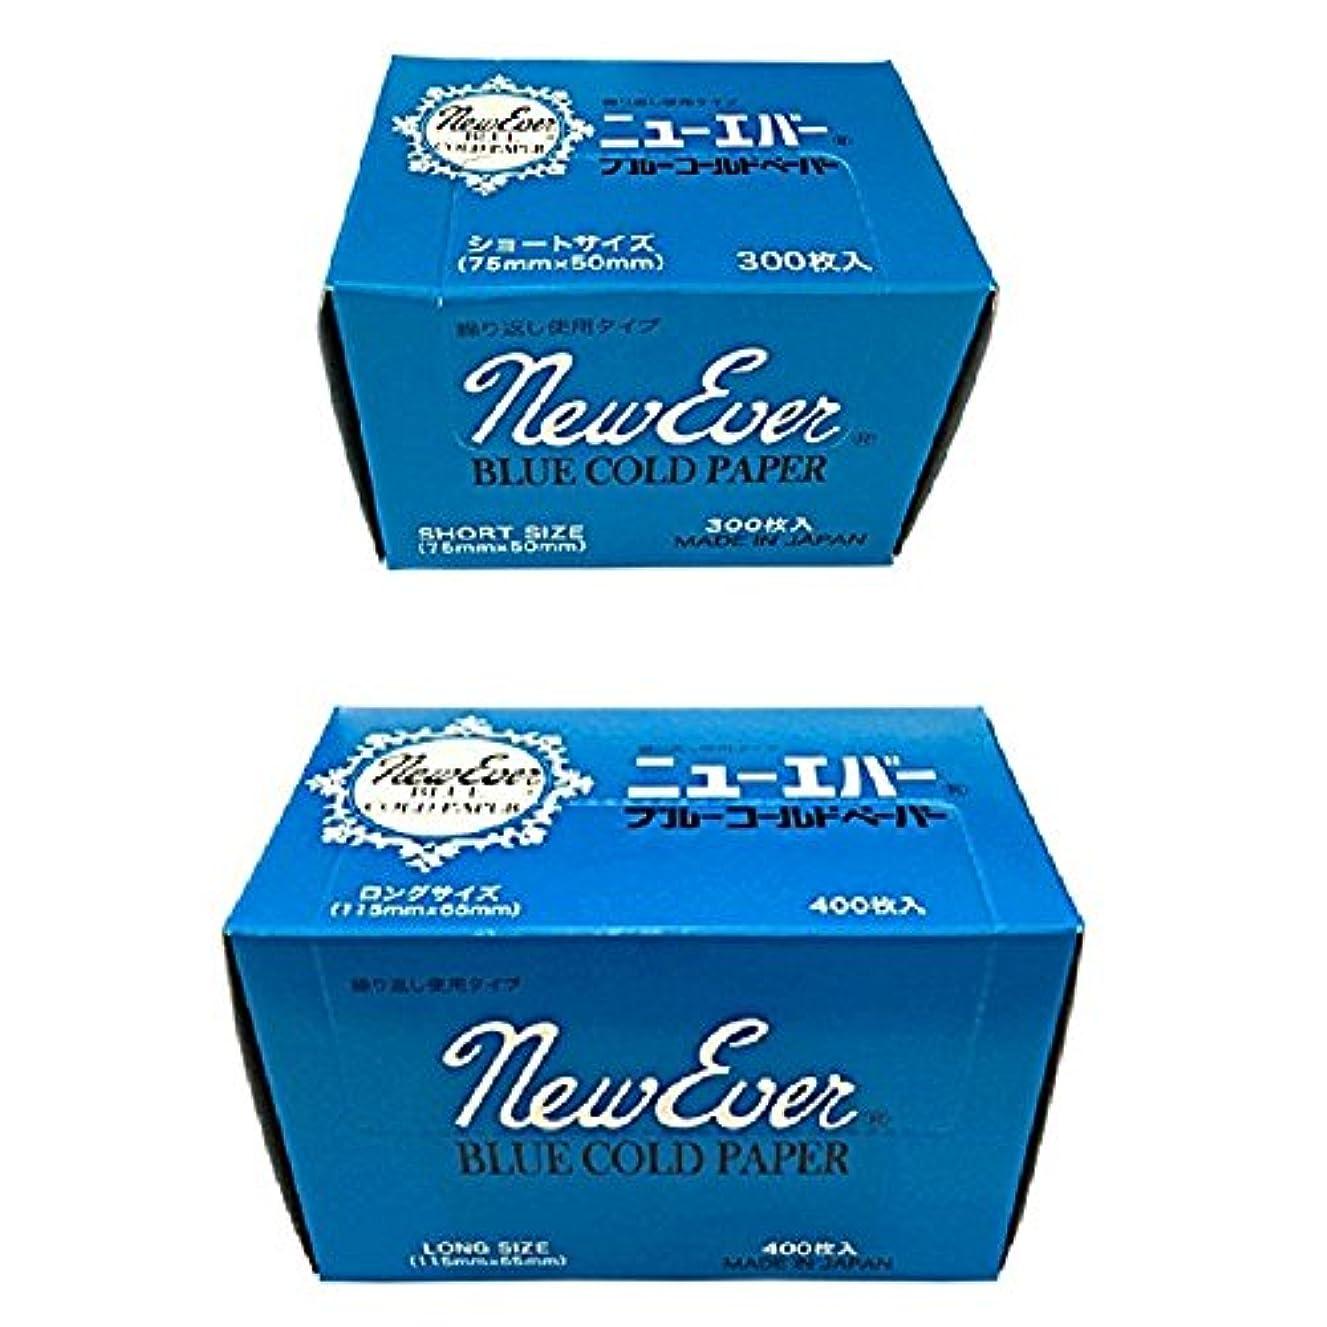 慈善雪破壊的な【セット】 エバーメイト ニューエバー ブルーペーパー S スモールサイズ 300枚入り & L ロングサイズ 400枚入